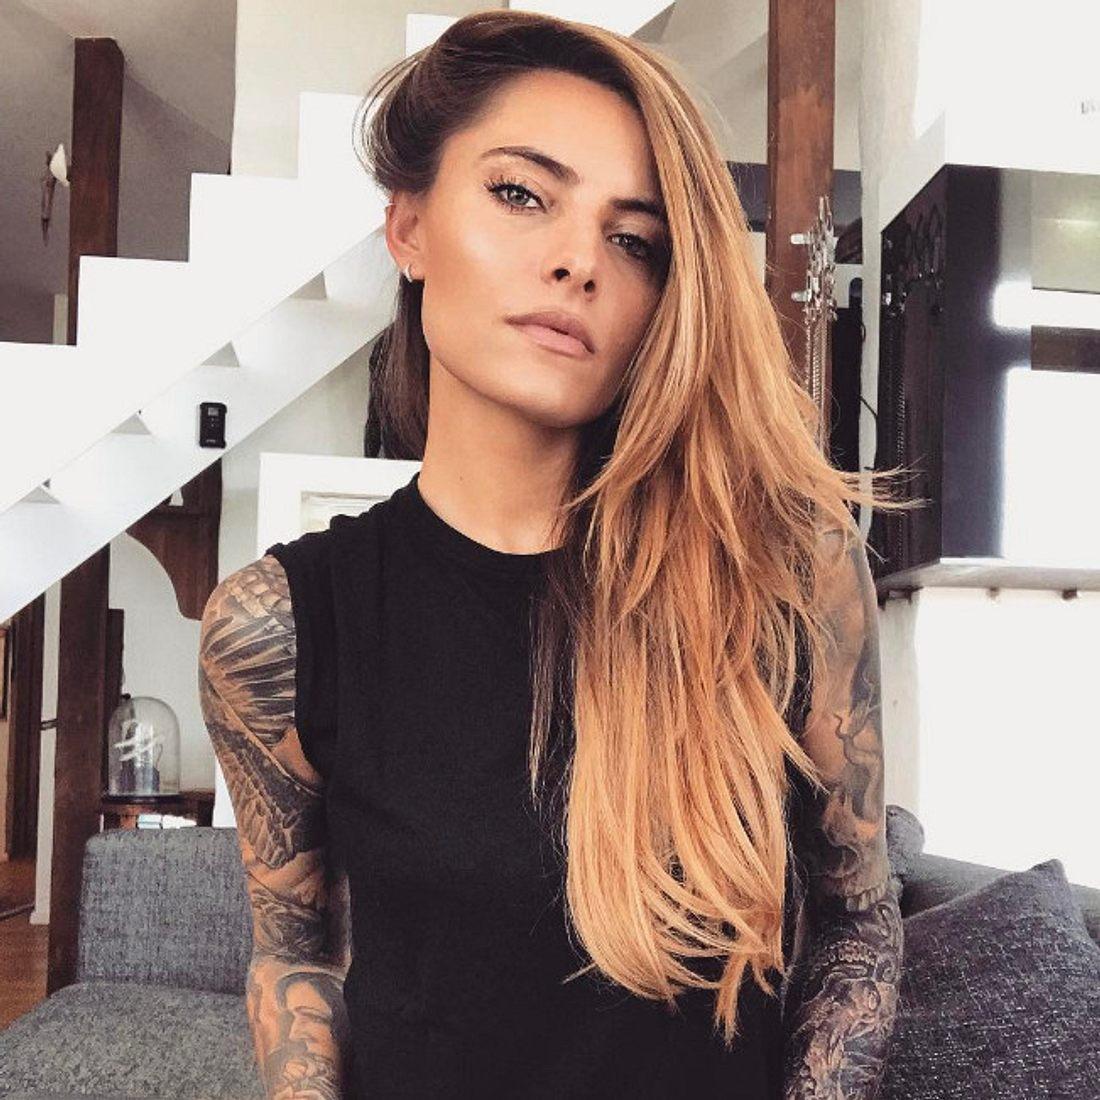 Frau tattoo vorlagen oberarm 32 Schädel